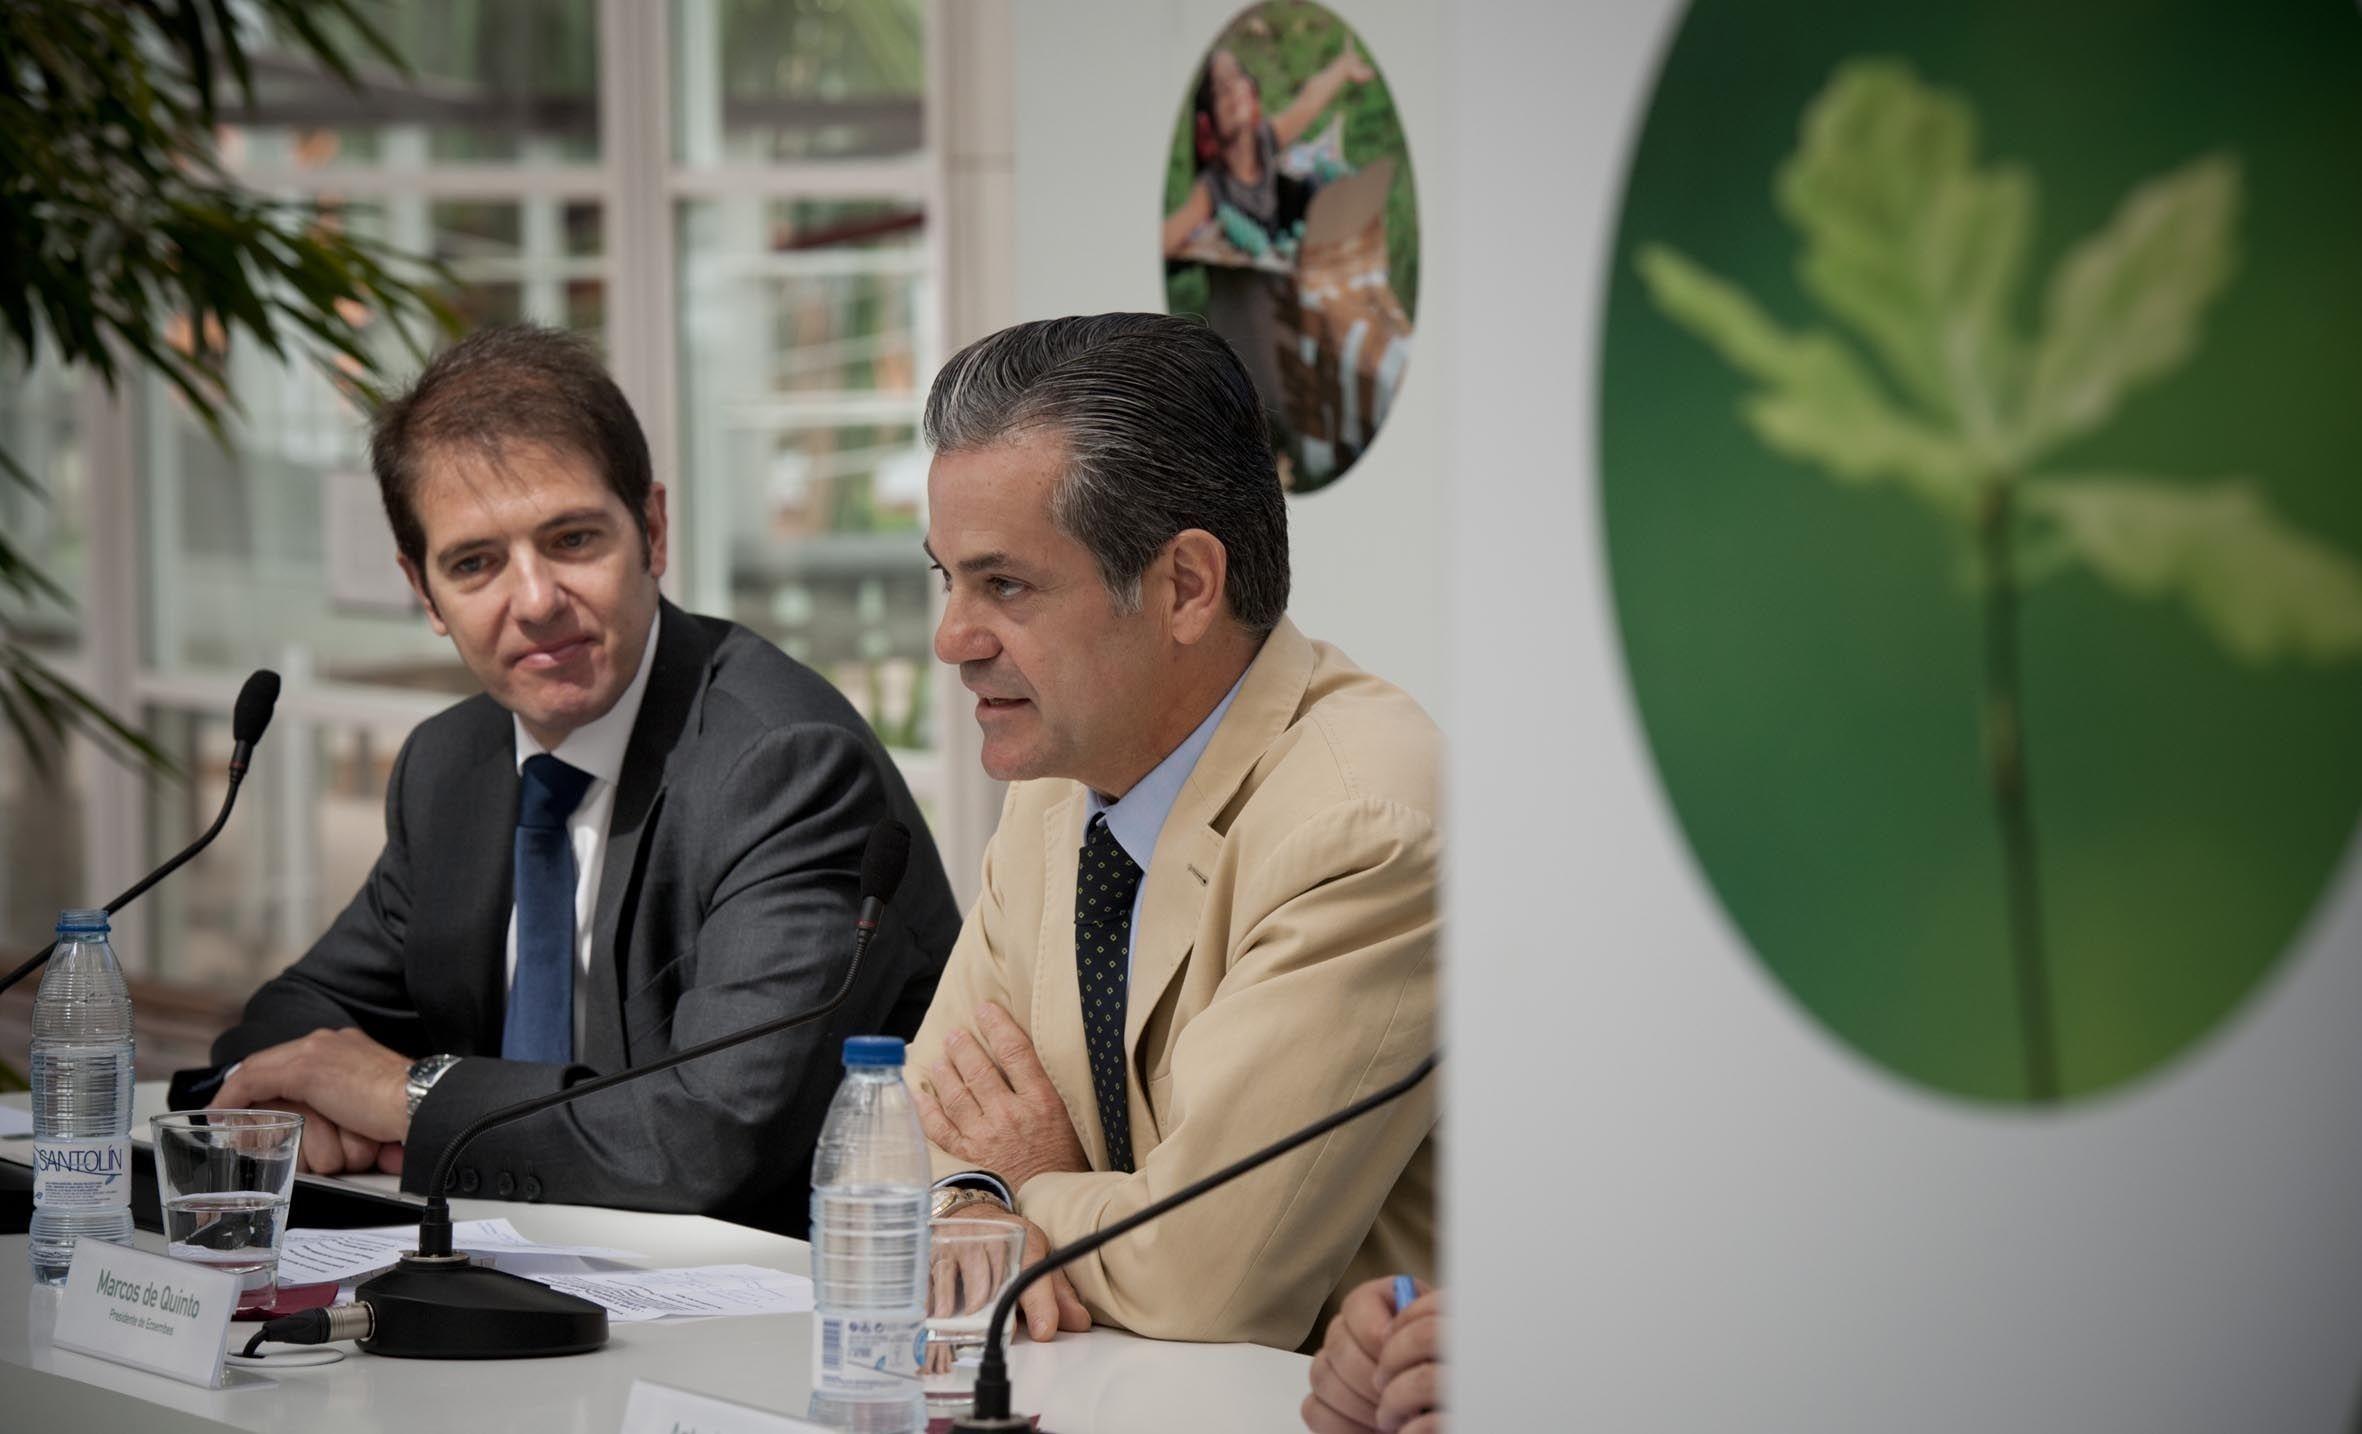 Los españoles reciclaron 7 de cada 10 envases en 2011, un 3,6 por ciento más que en 2010, según Ecoembes